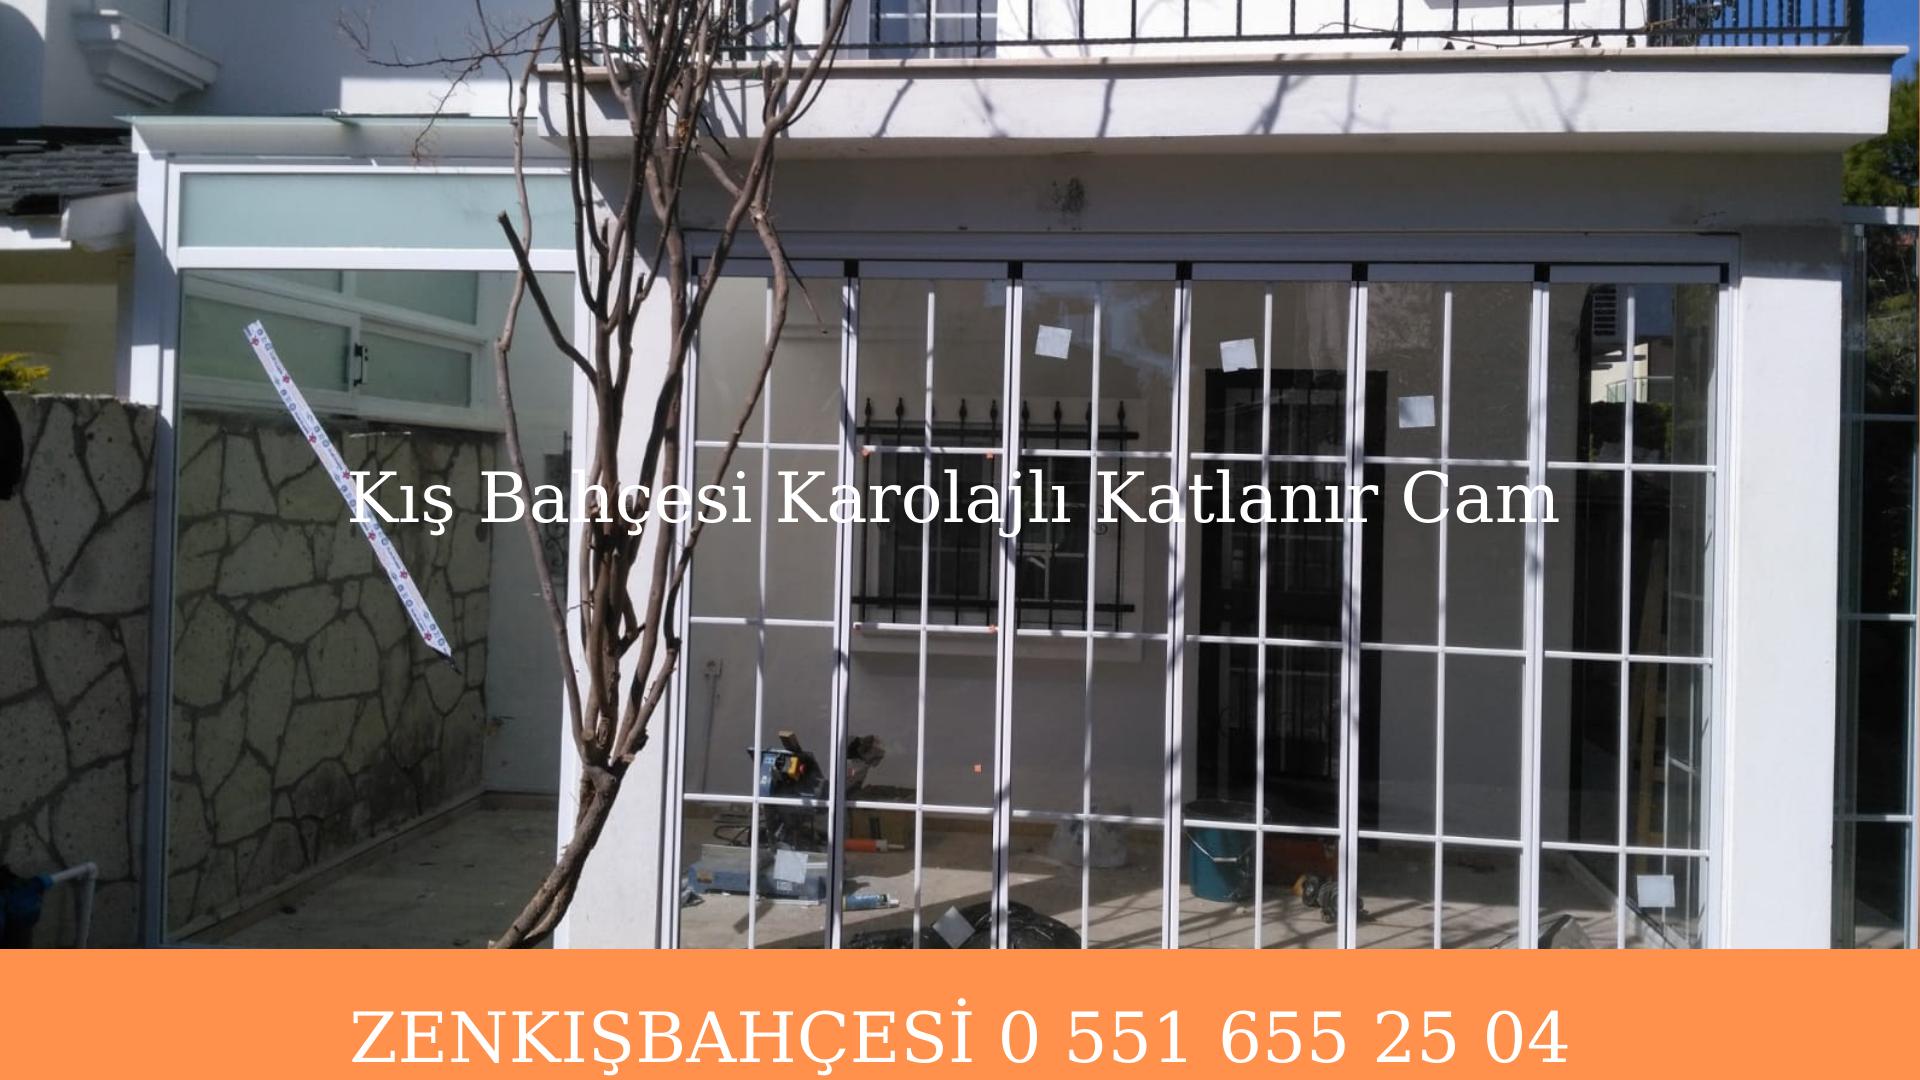 Kış bahçesi karolaj camlı katlanır cam uygulaması İzmir